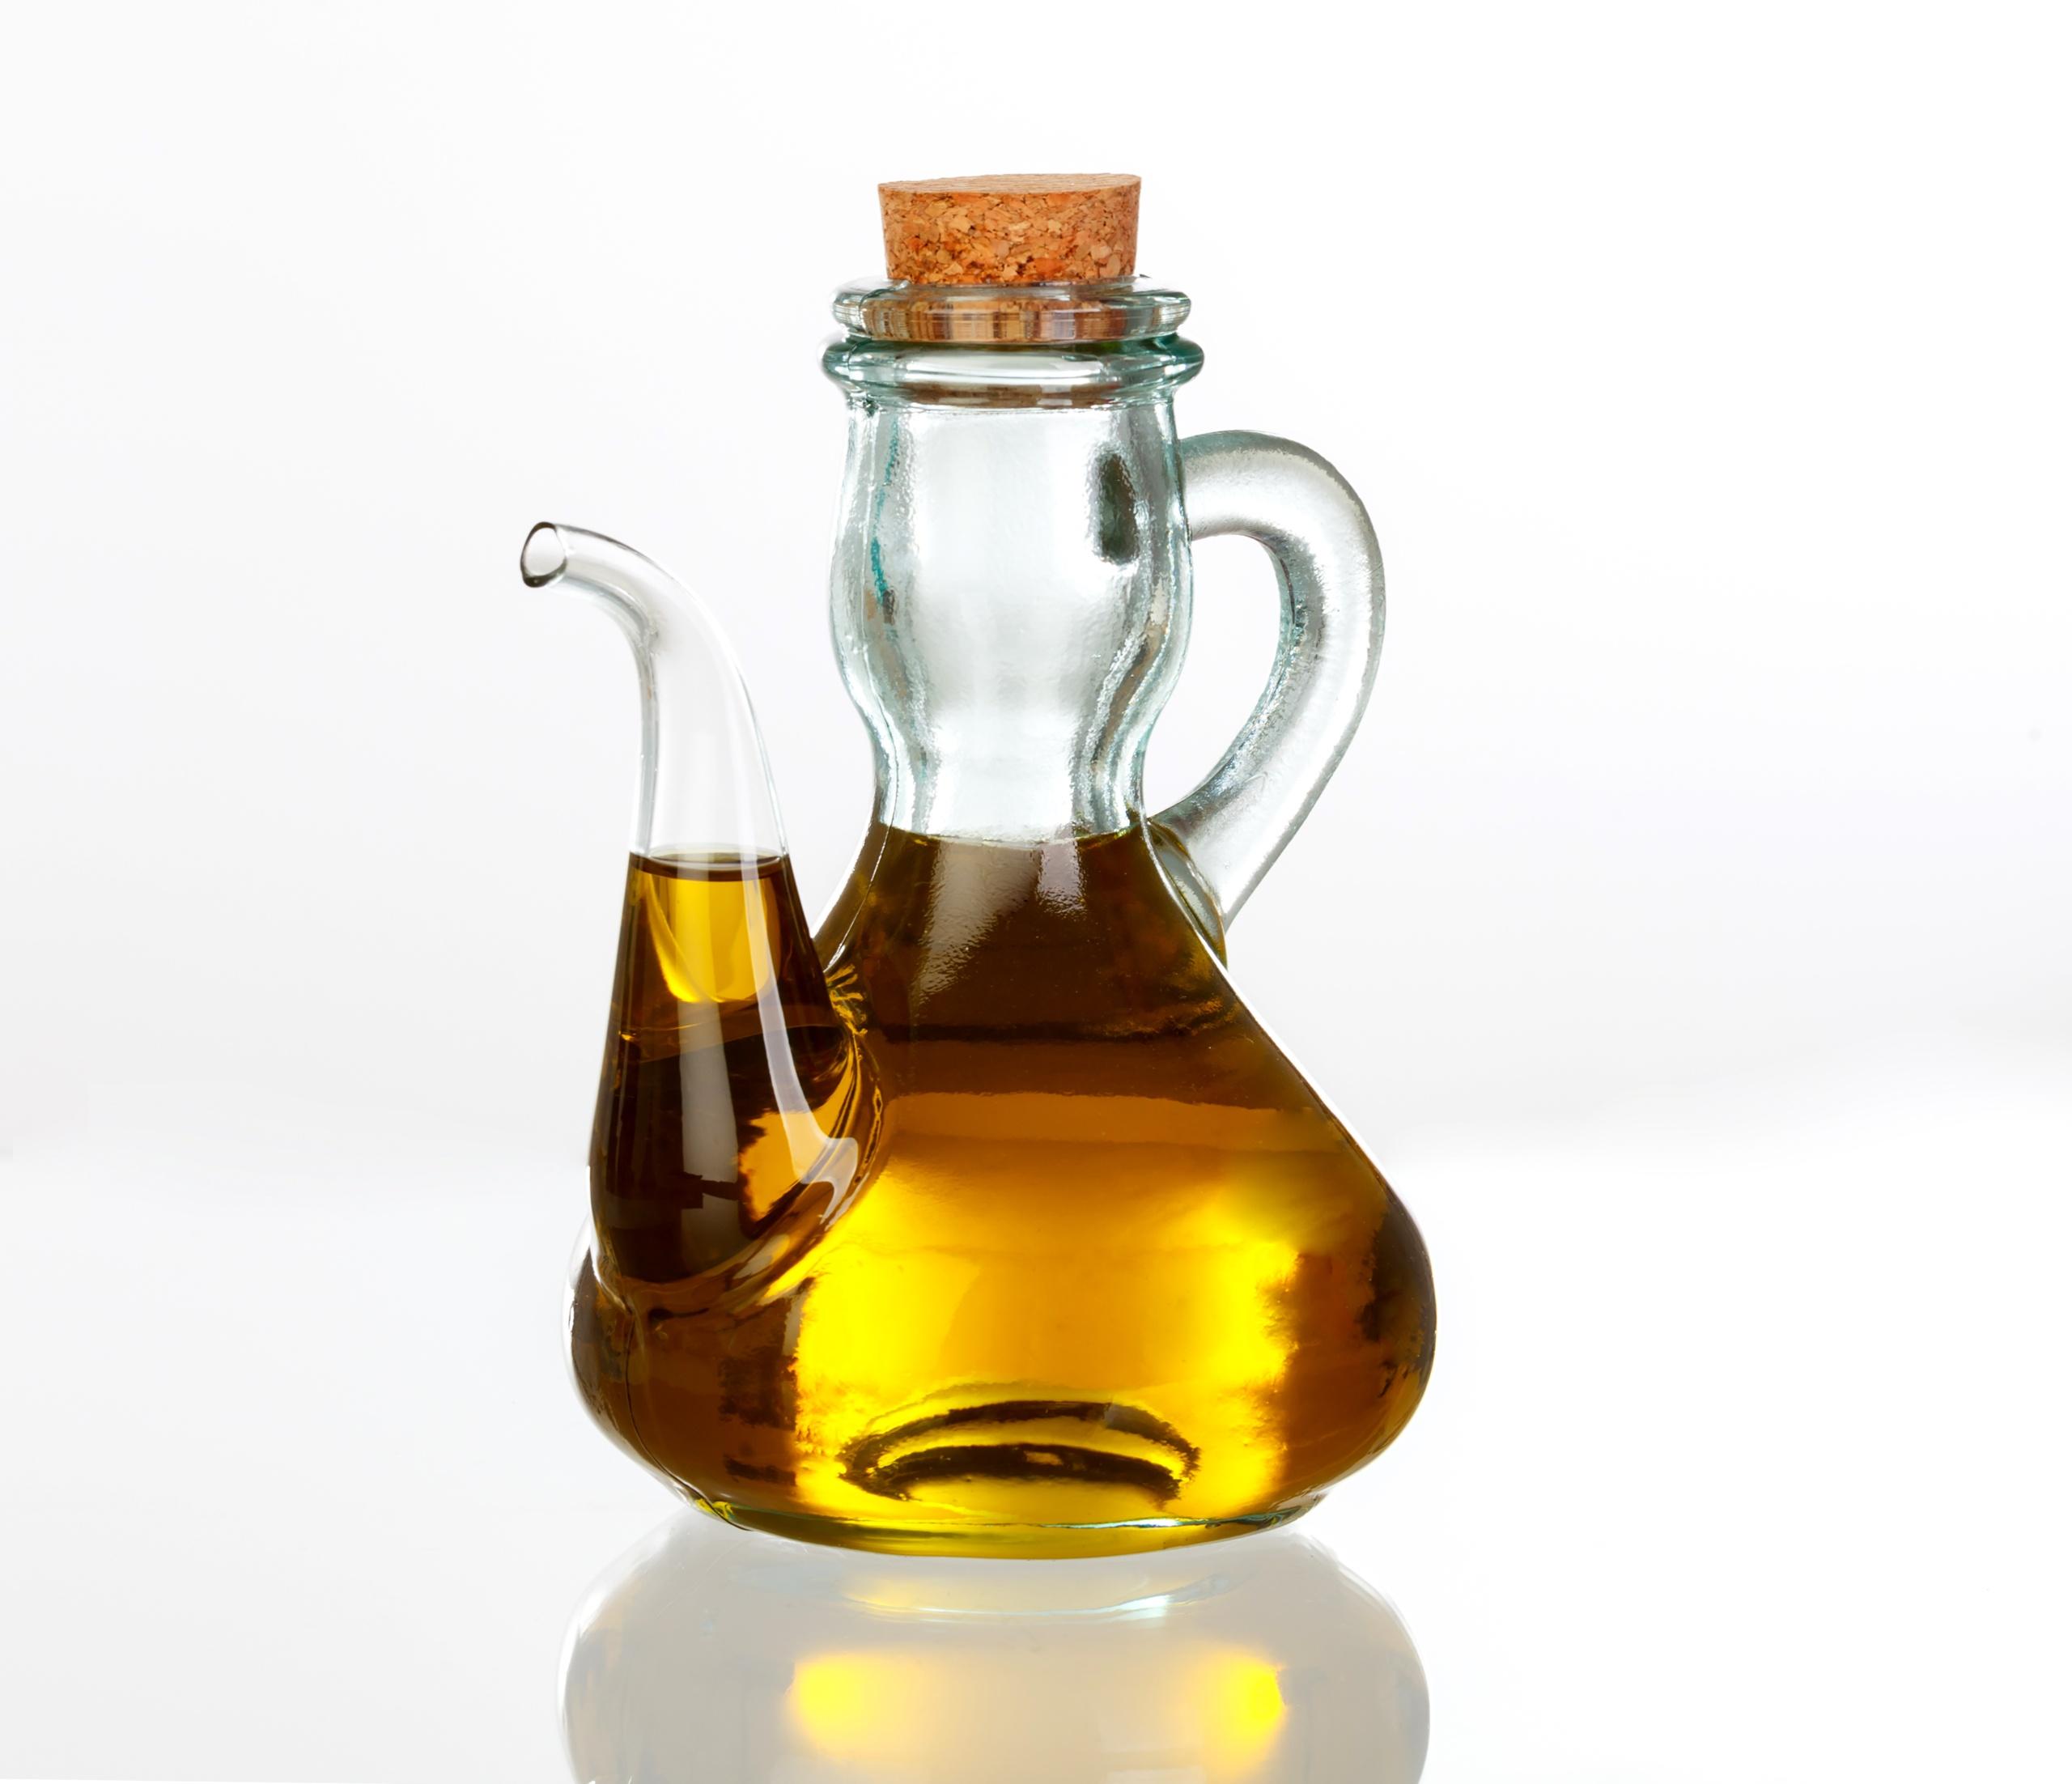 Mit Öl gefüllte Glaskanne